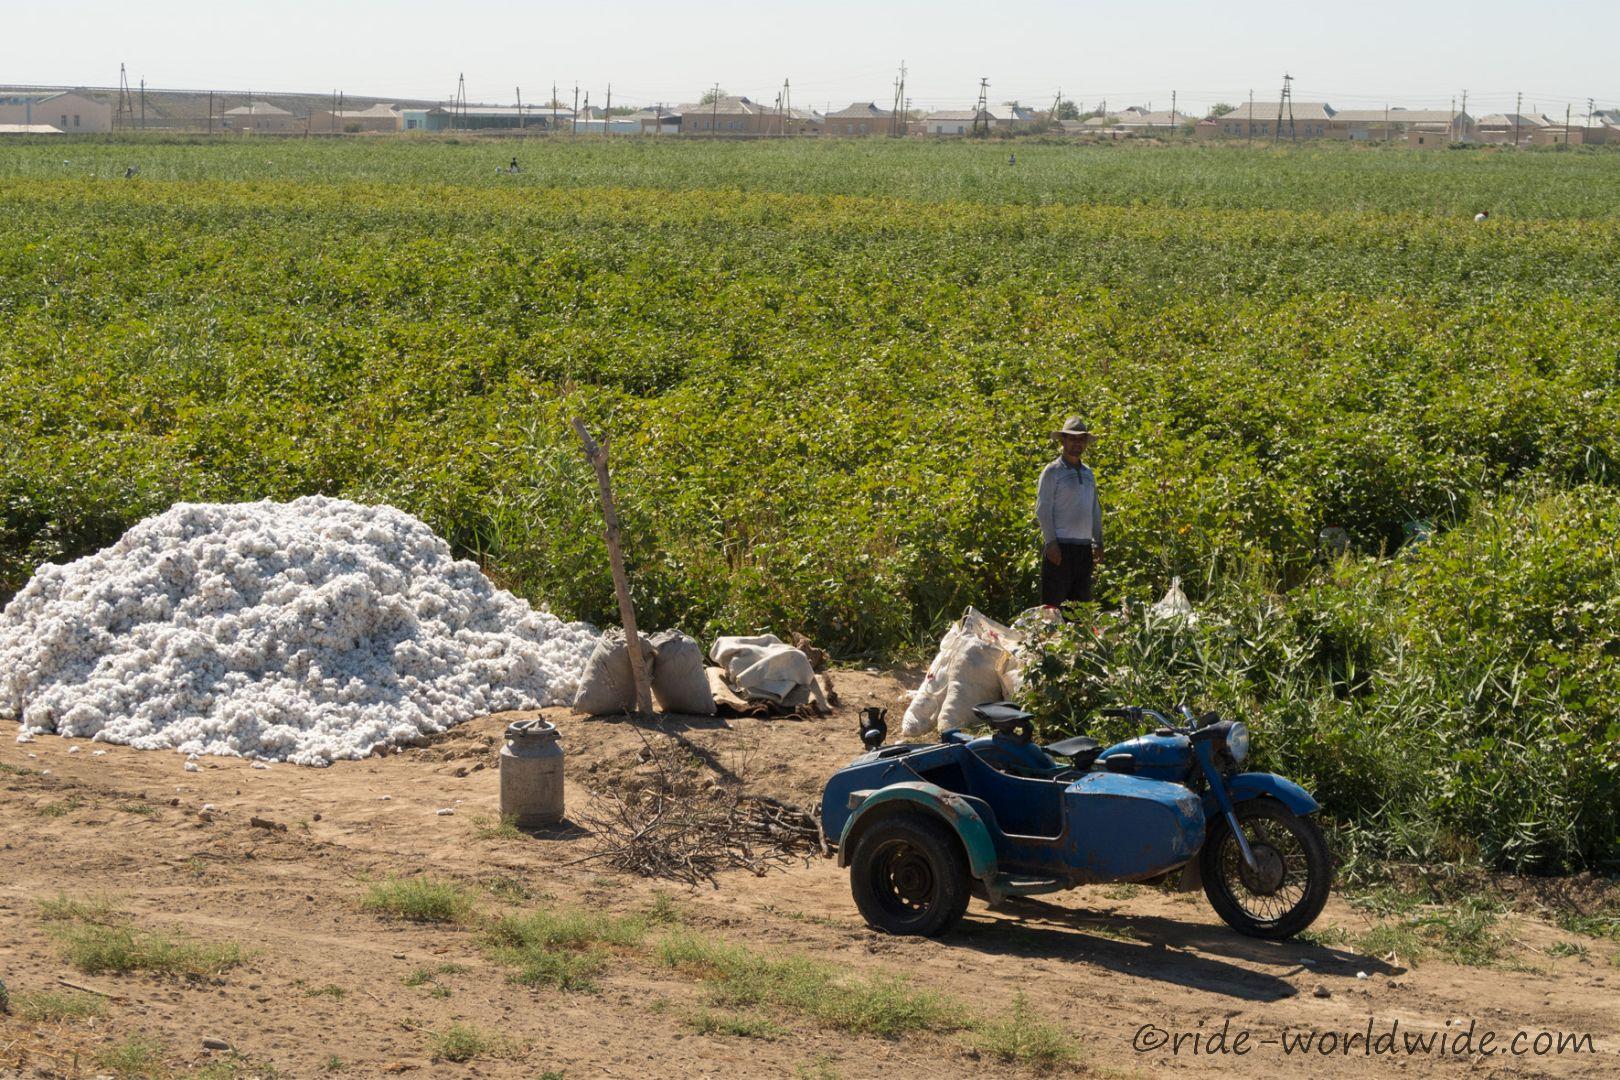 Baumwollernte ist im vollem Gange